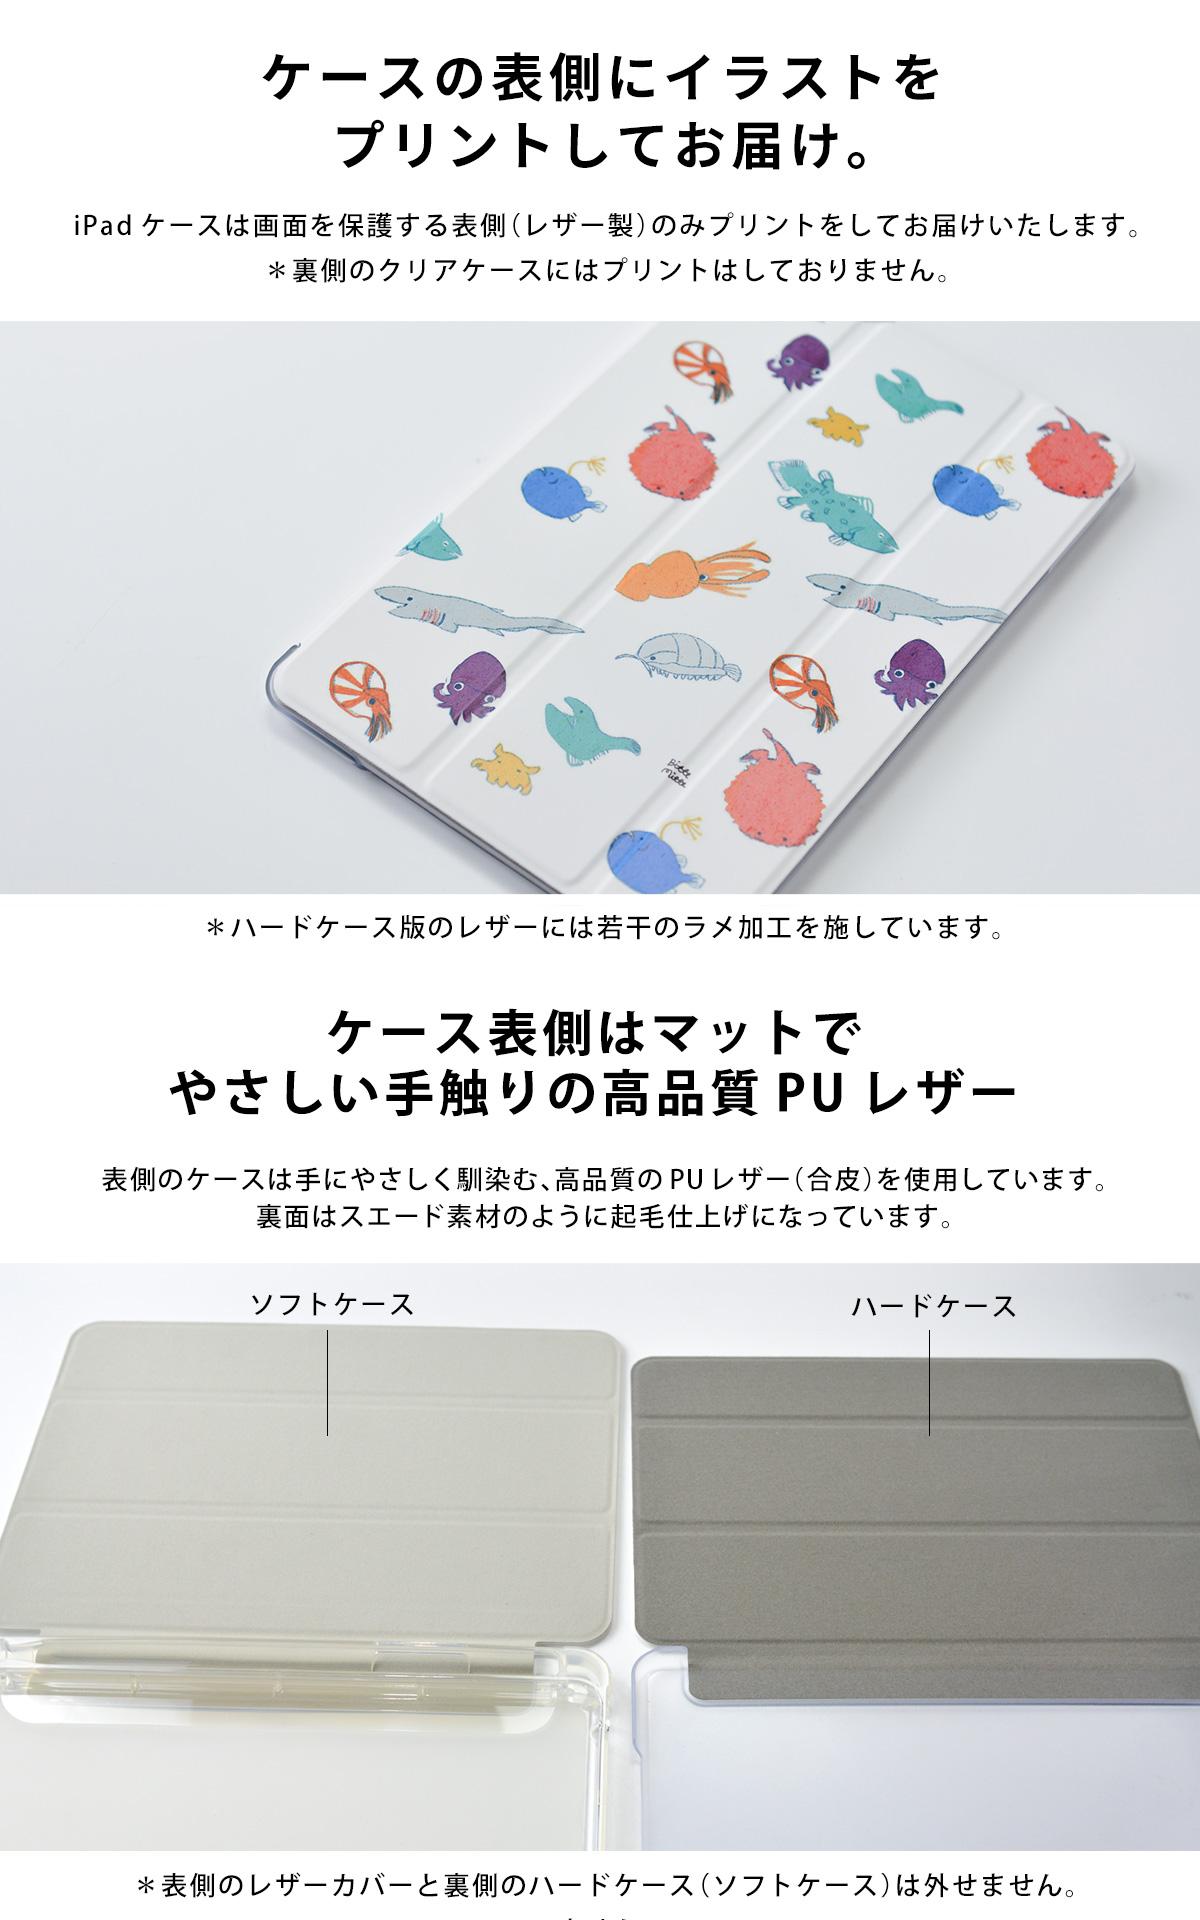 iPadケースの表側にイラストをプリントしてお届け